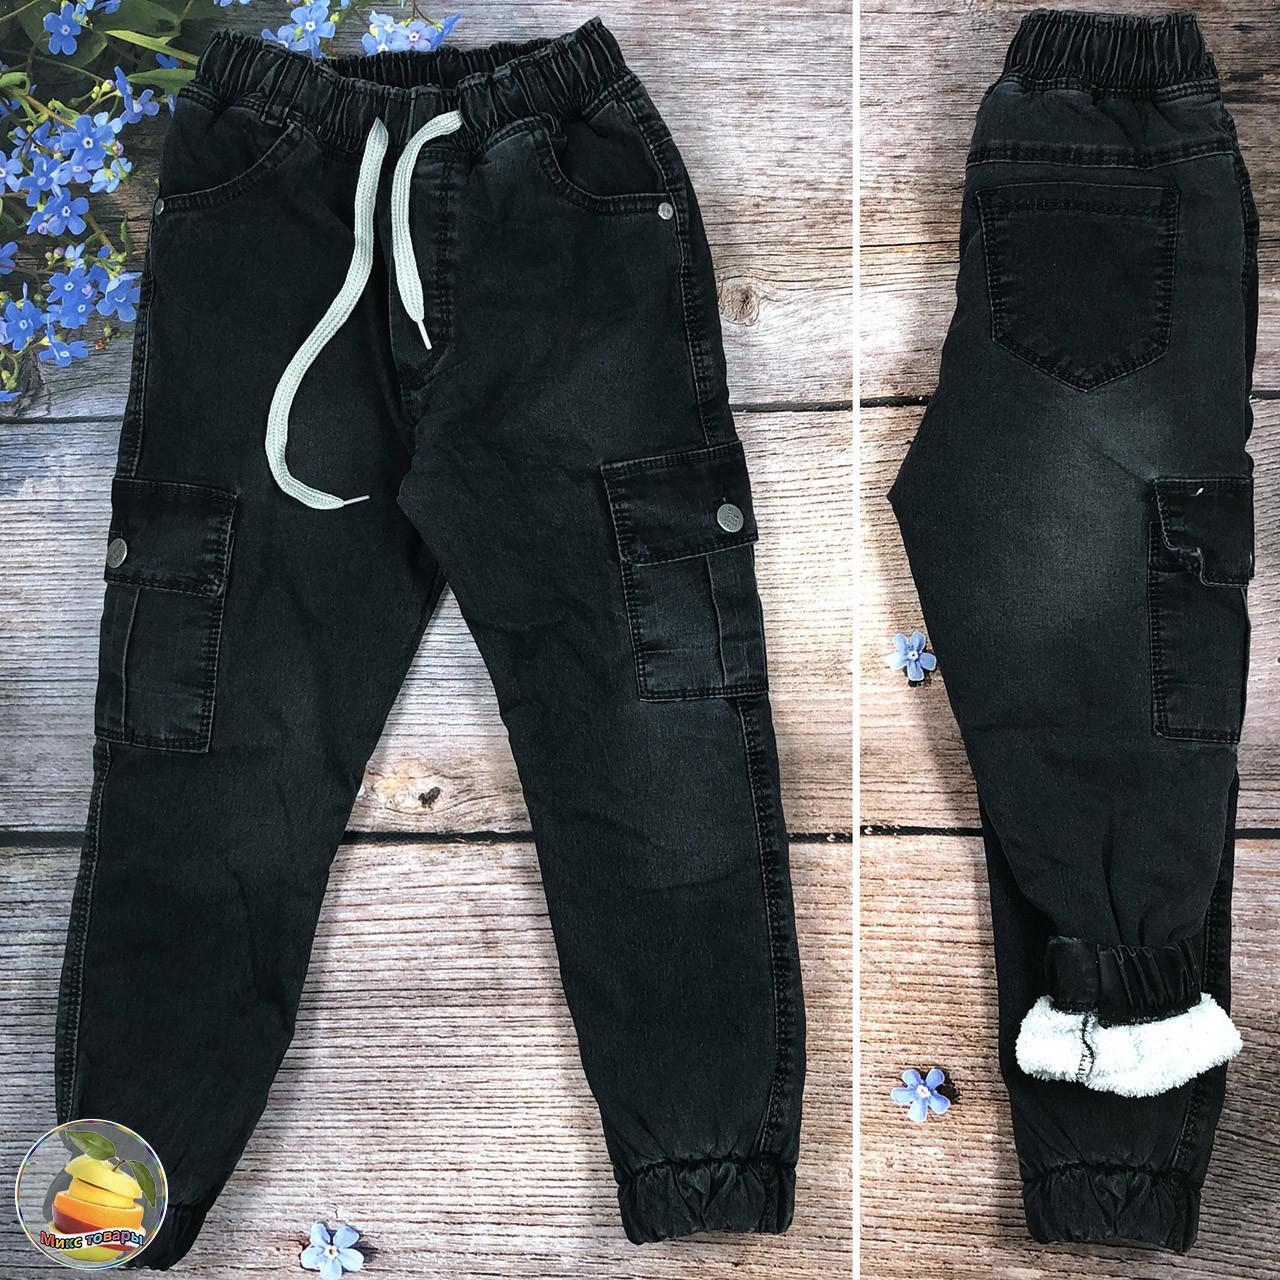 Турецкие чёрные джинсы на травке для мальчика подростка Размеры: 8,9,10,11,12 лет (20838-2)